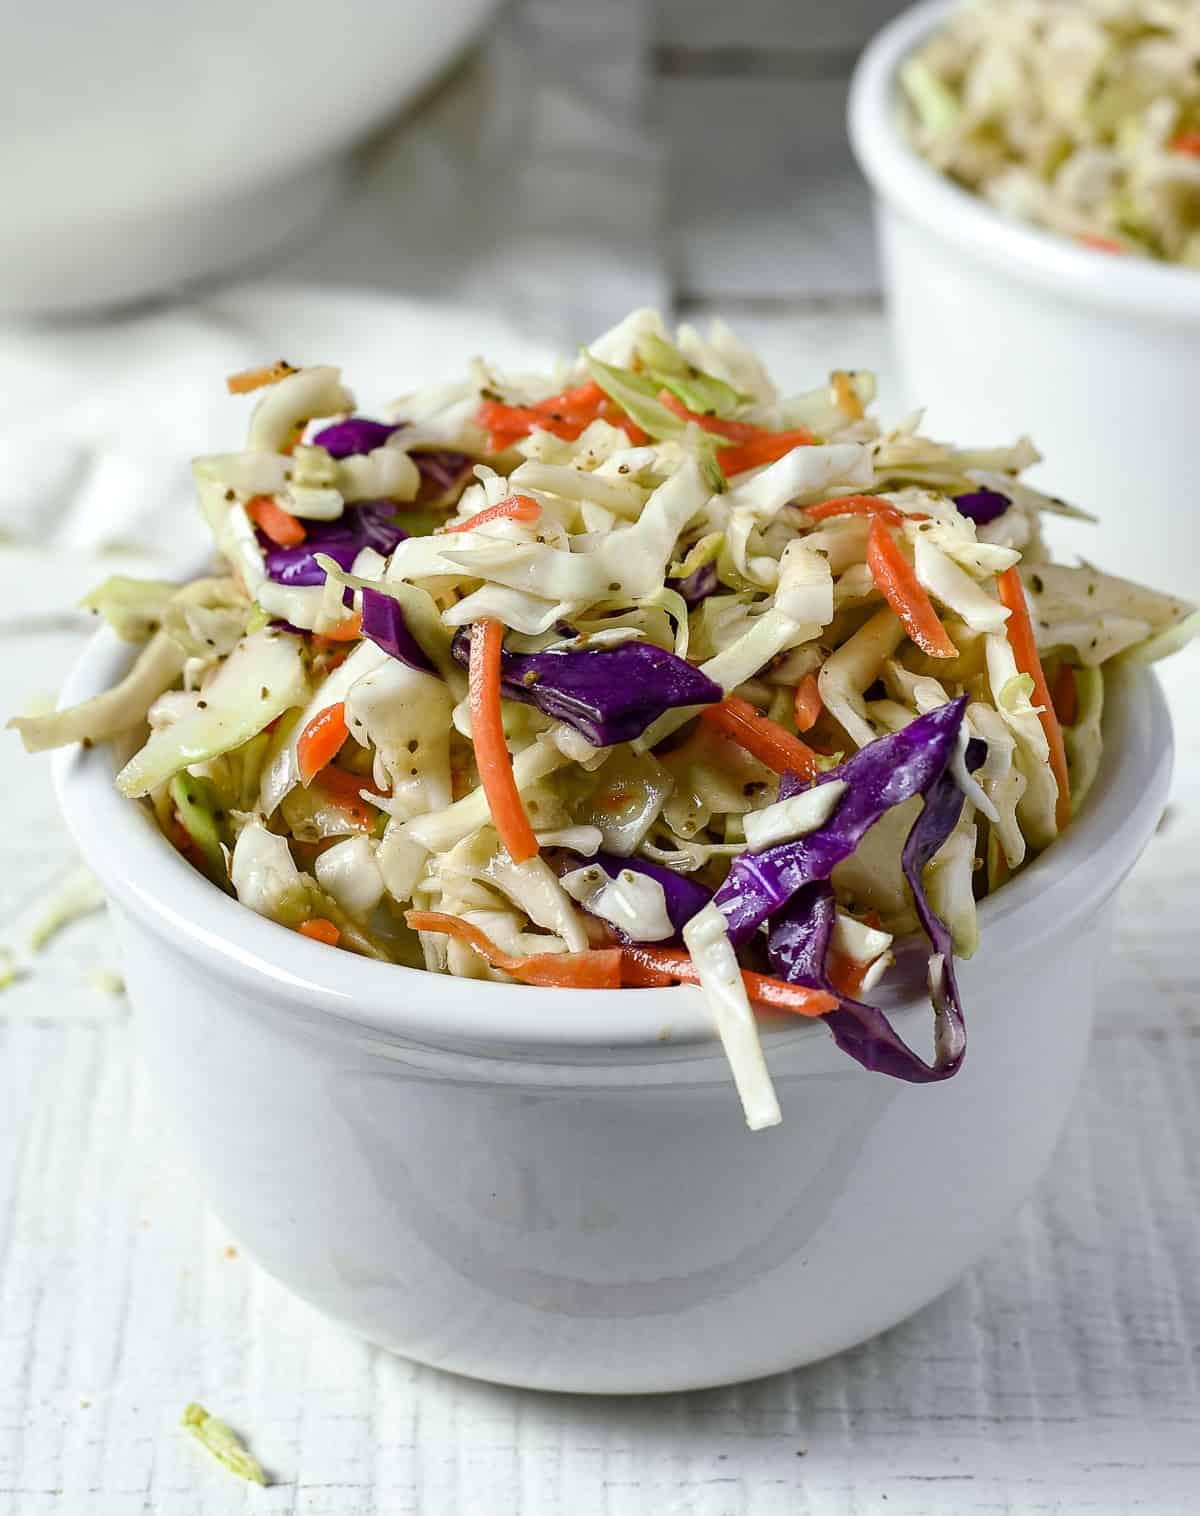 Vinegar coleslaw in white bowl.